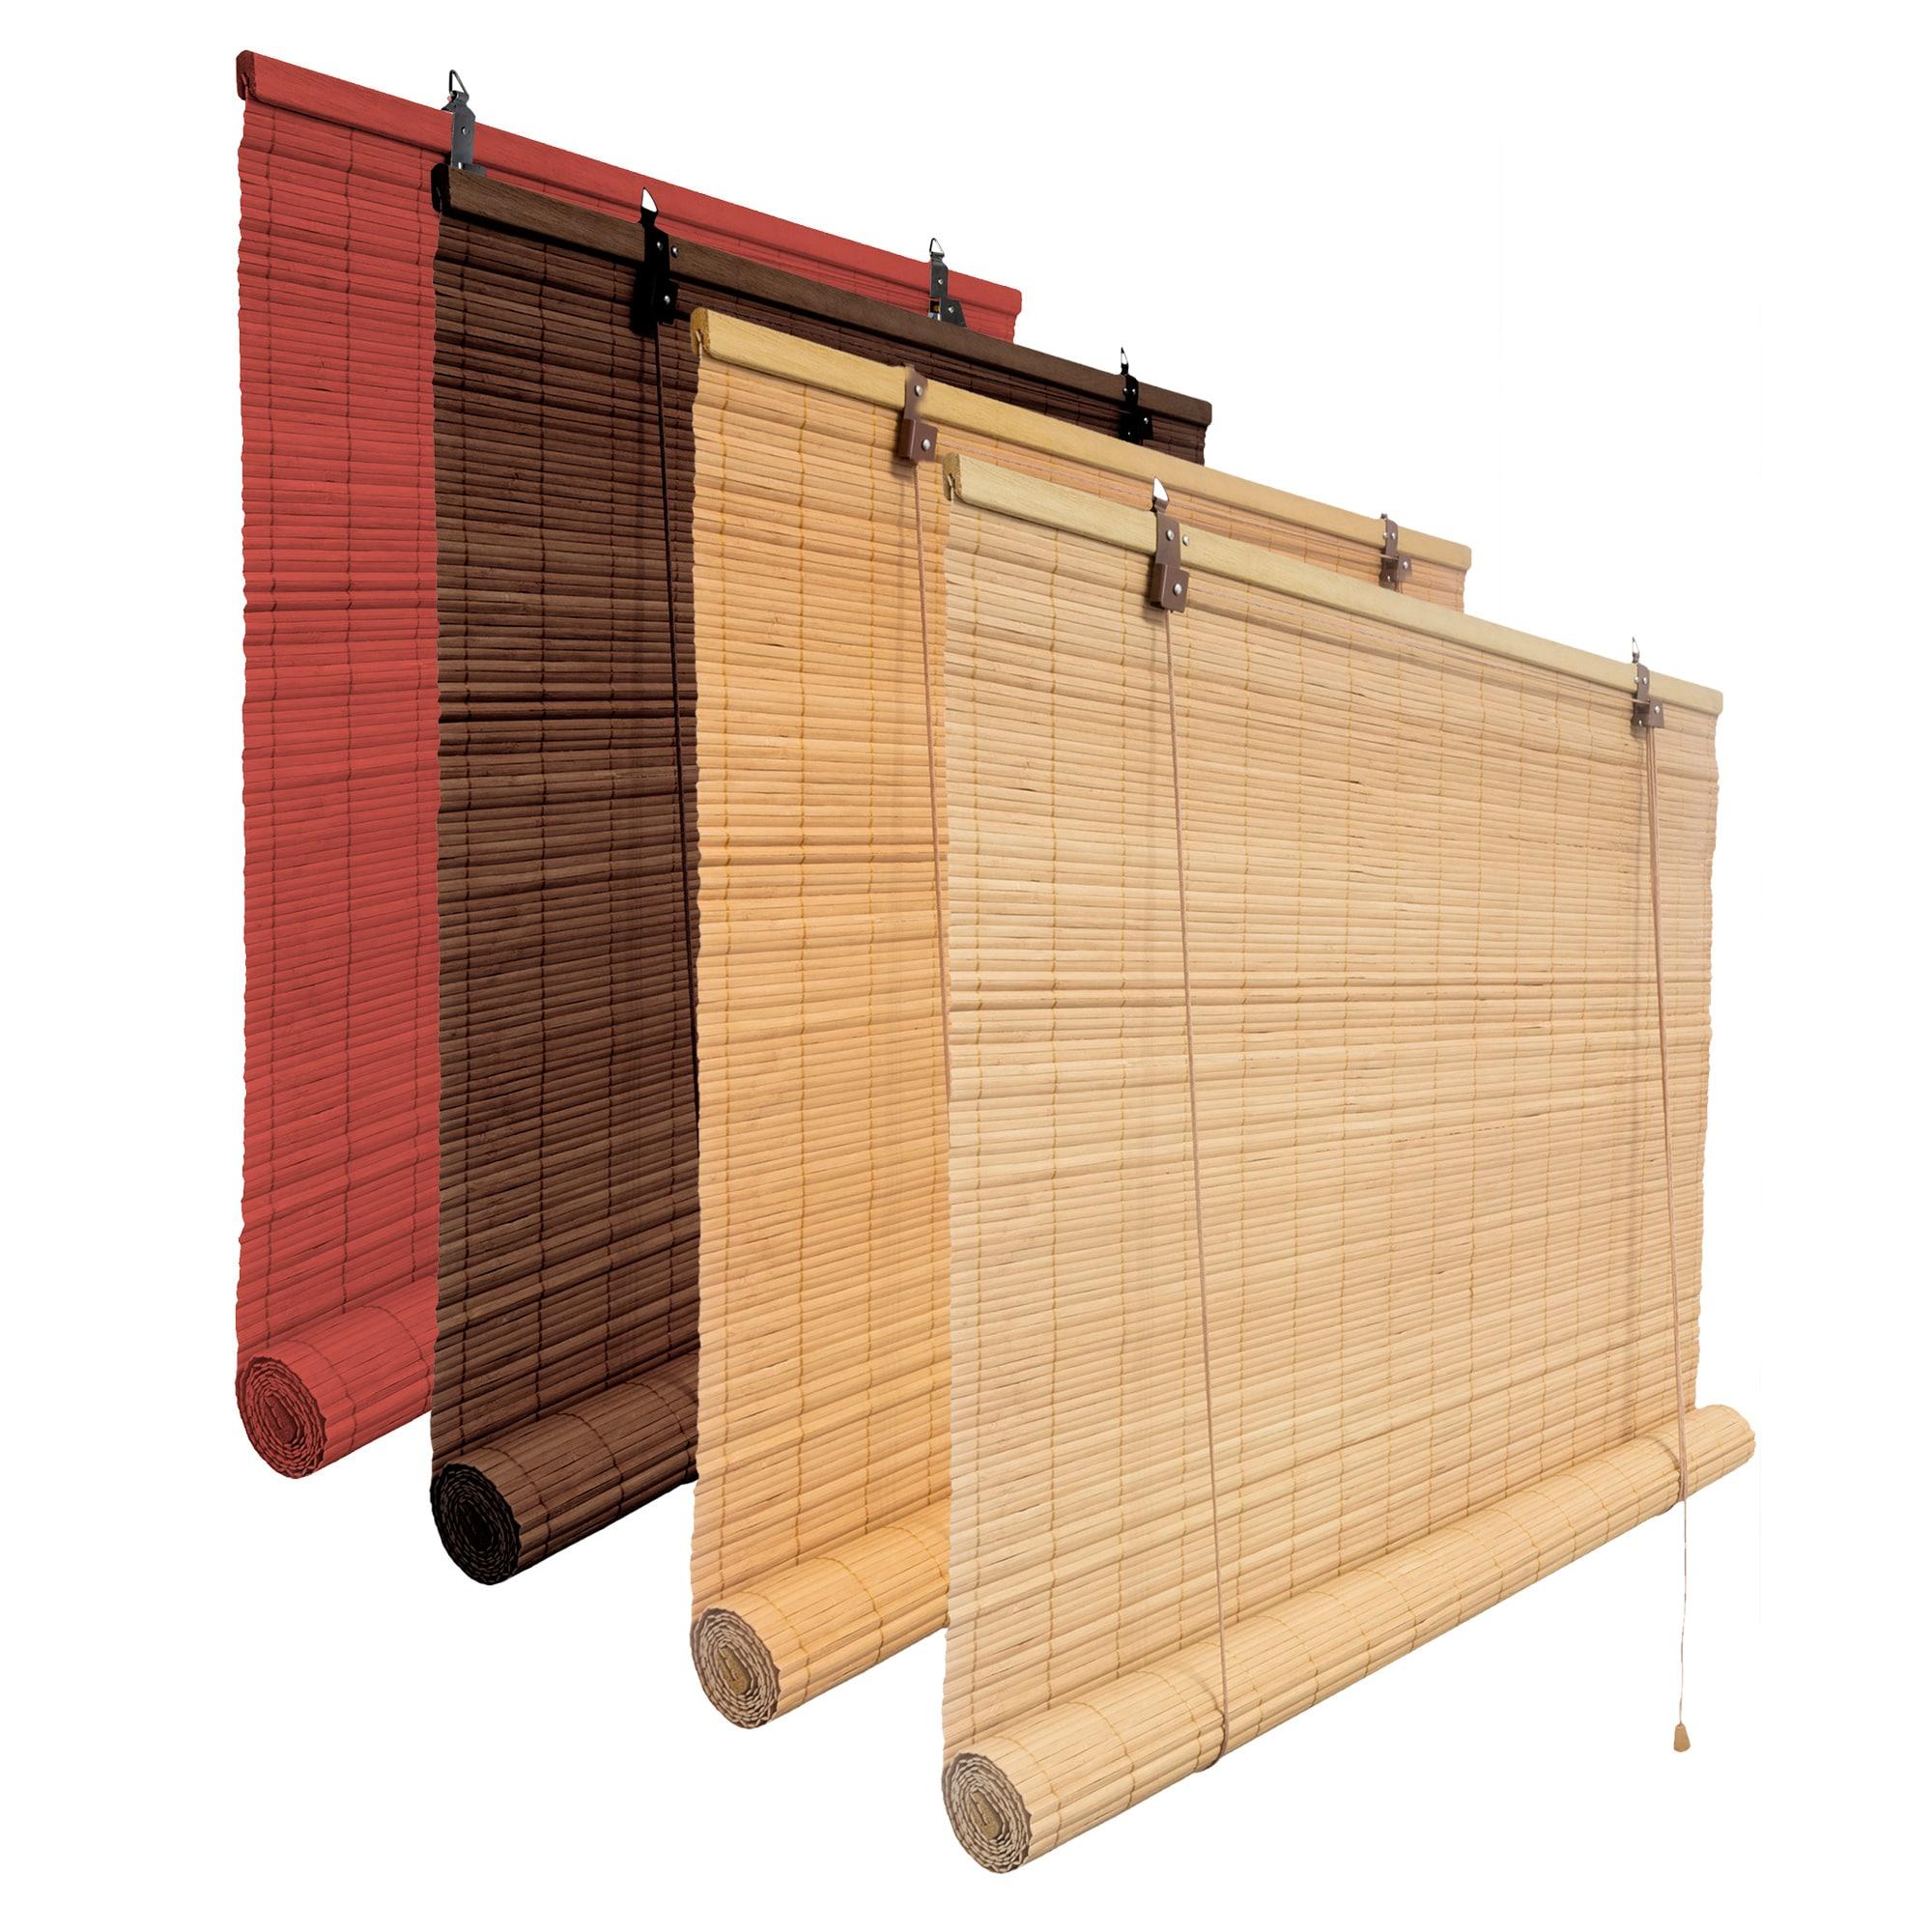 sonnensegel weiss 420 x 420 x 600cm 6x4 2x4 2m windschutz dreieck balkon. Black Bedroom Furniture Sets. Home Design Ideas